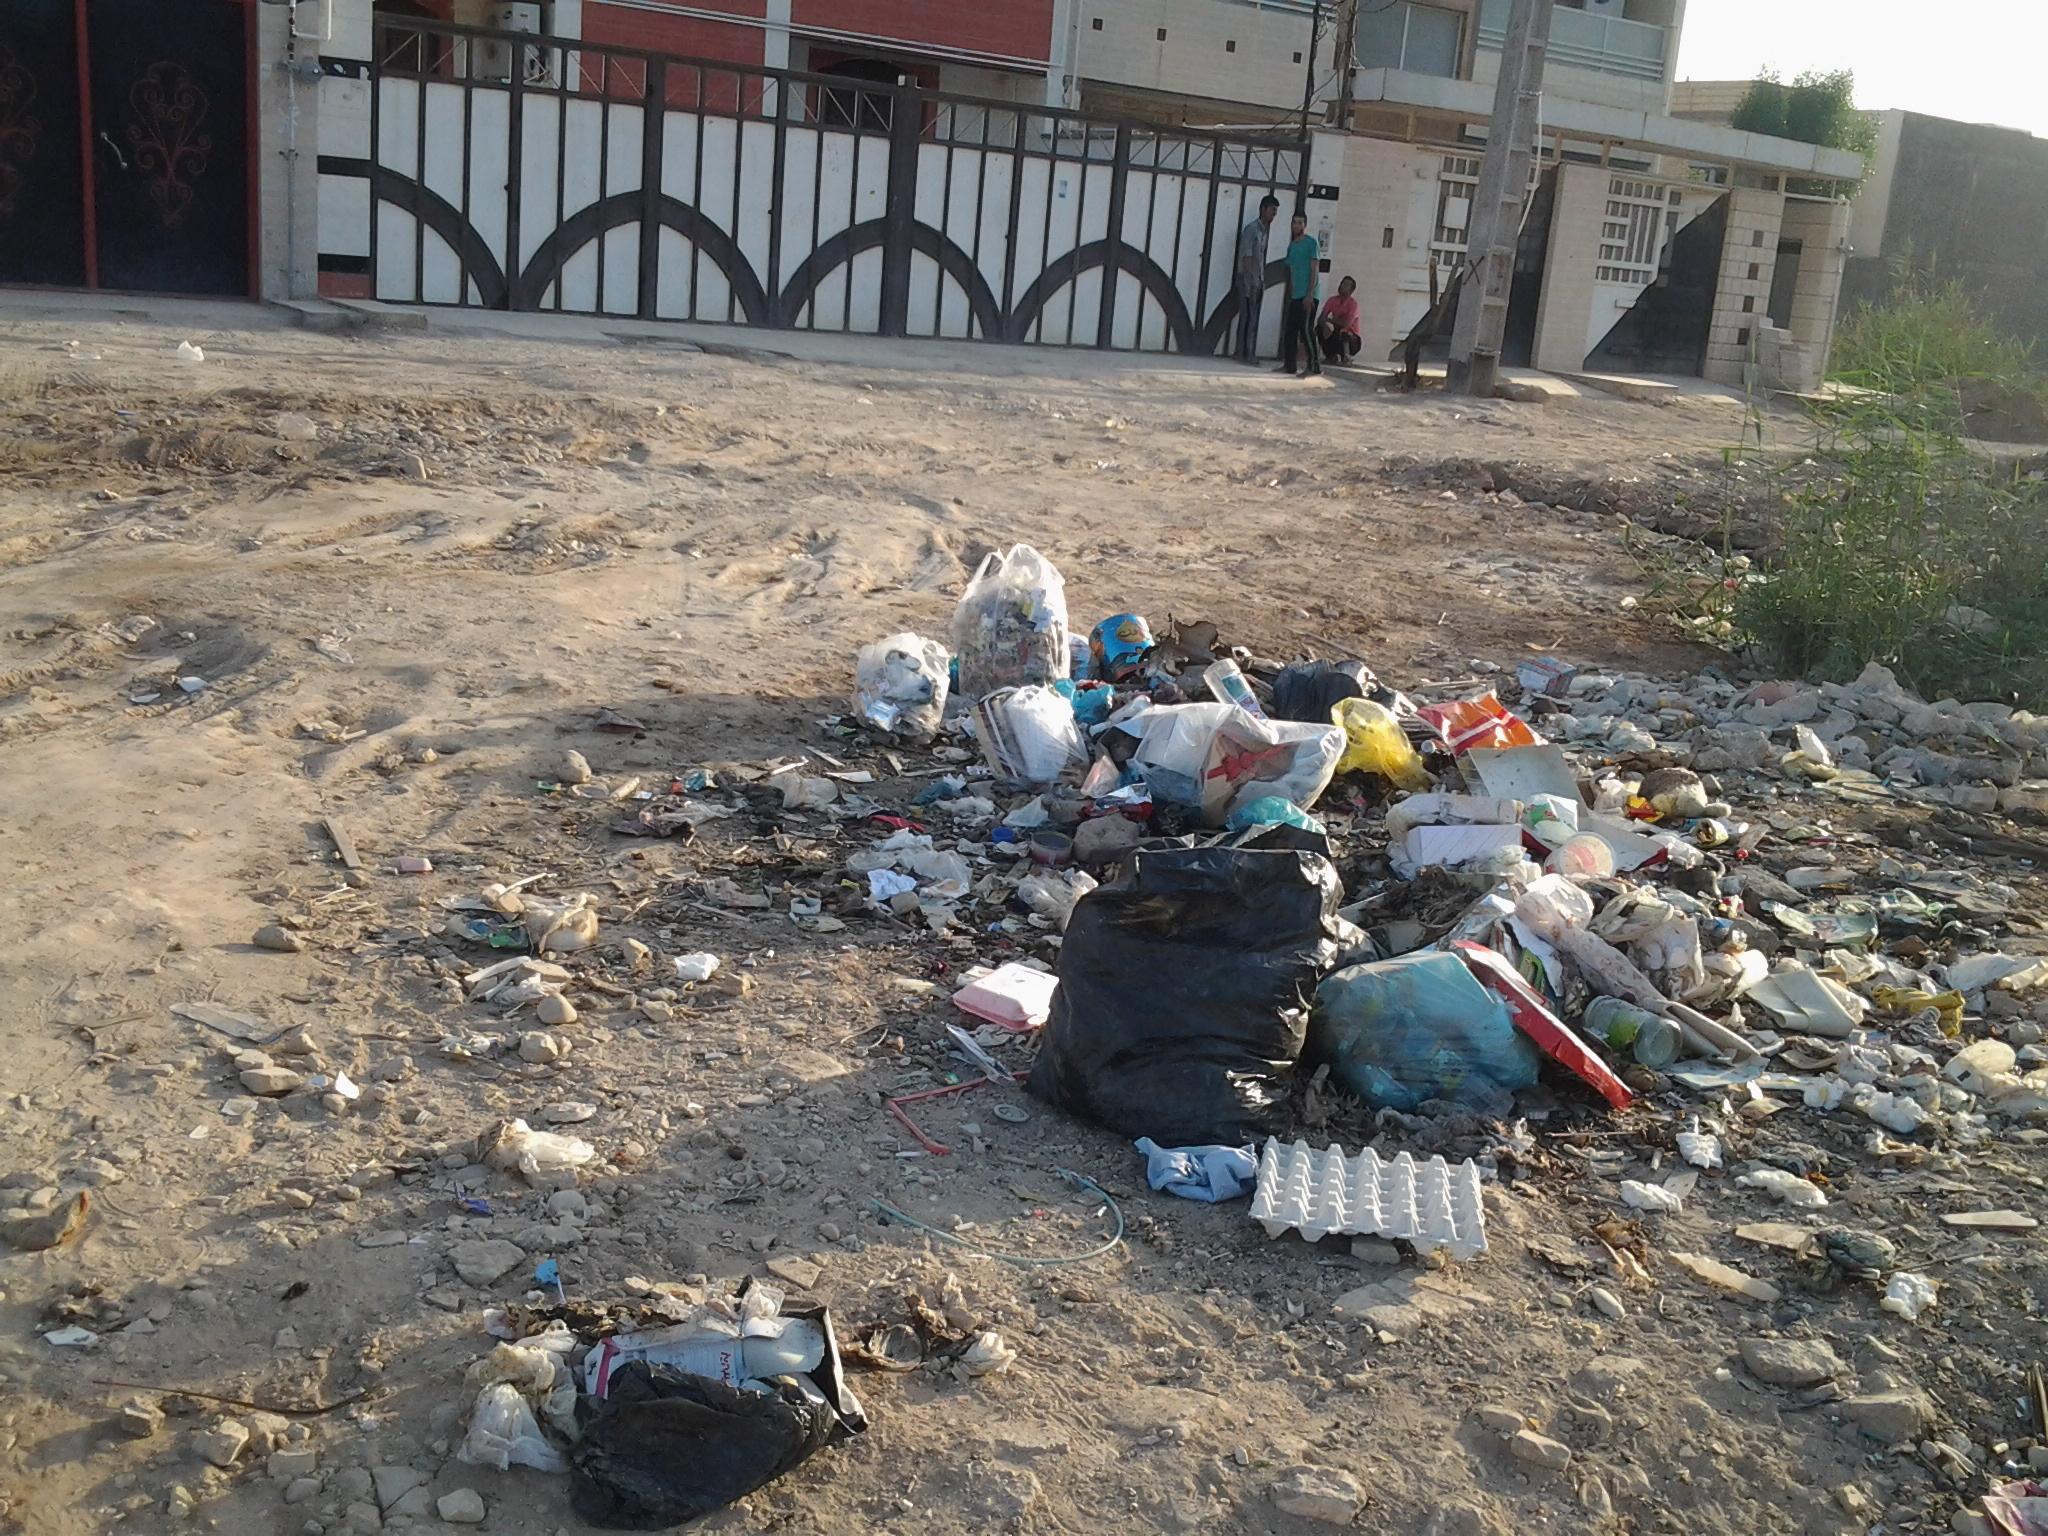 بحران در چند کیلومتری شهرداری اهواز + تصاویر